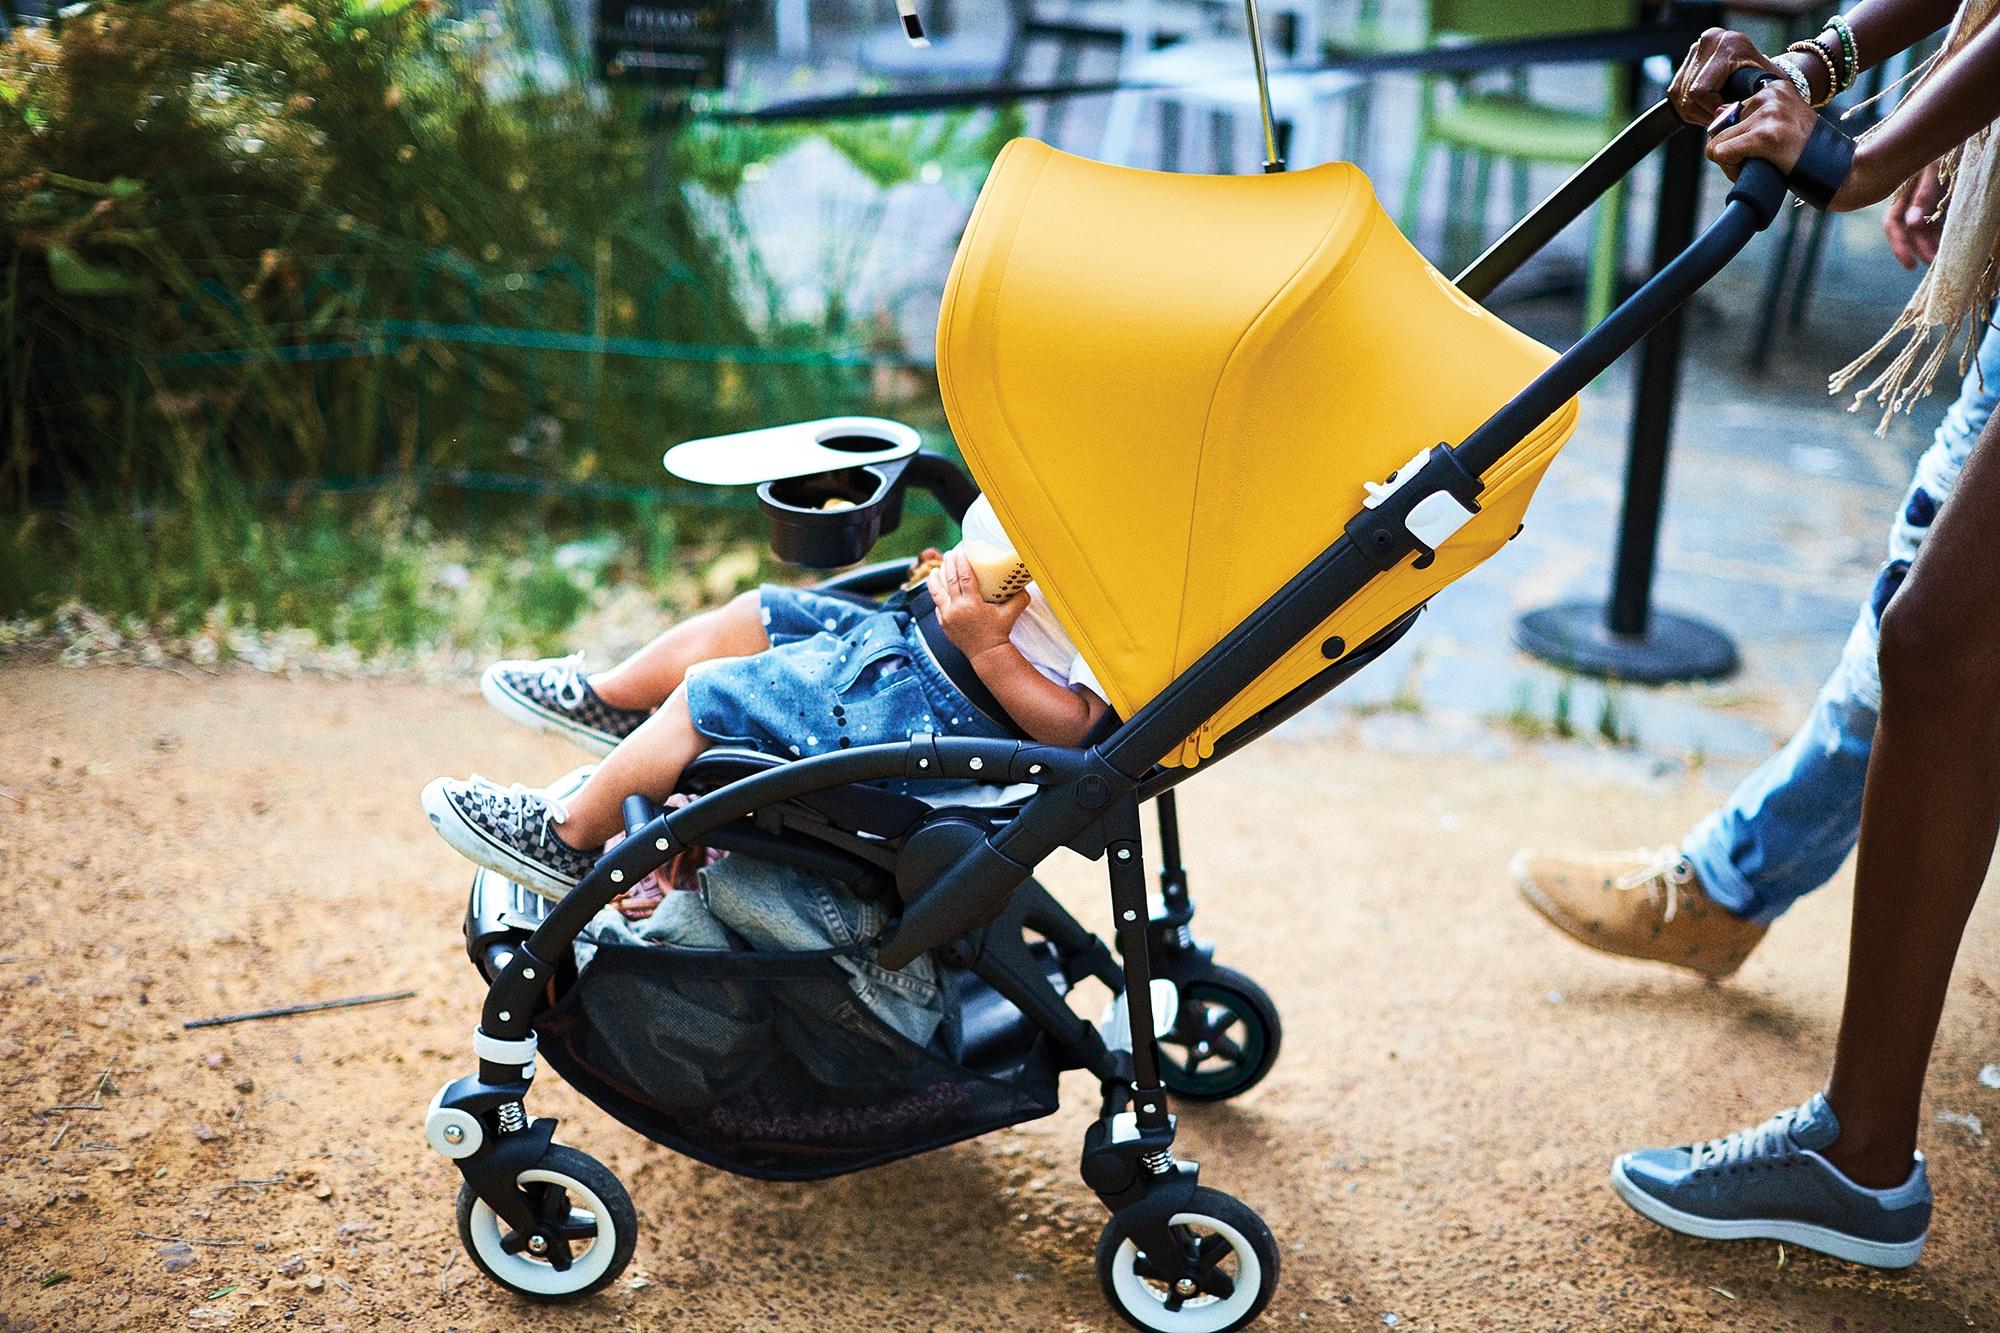 Bugaboo Bee⁵, il nuovo passeggino compatto di Bugaboo dalla personalizzazione estrema